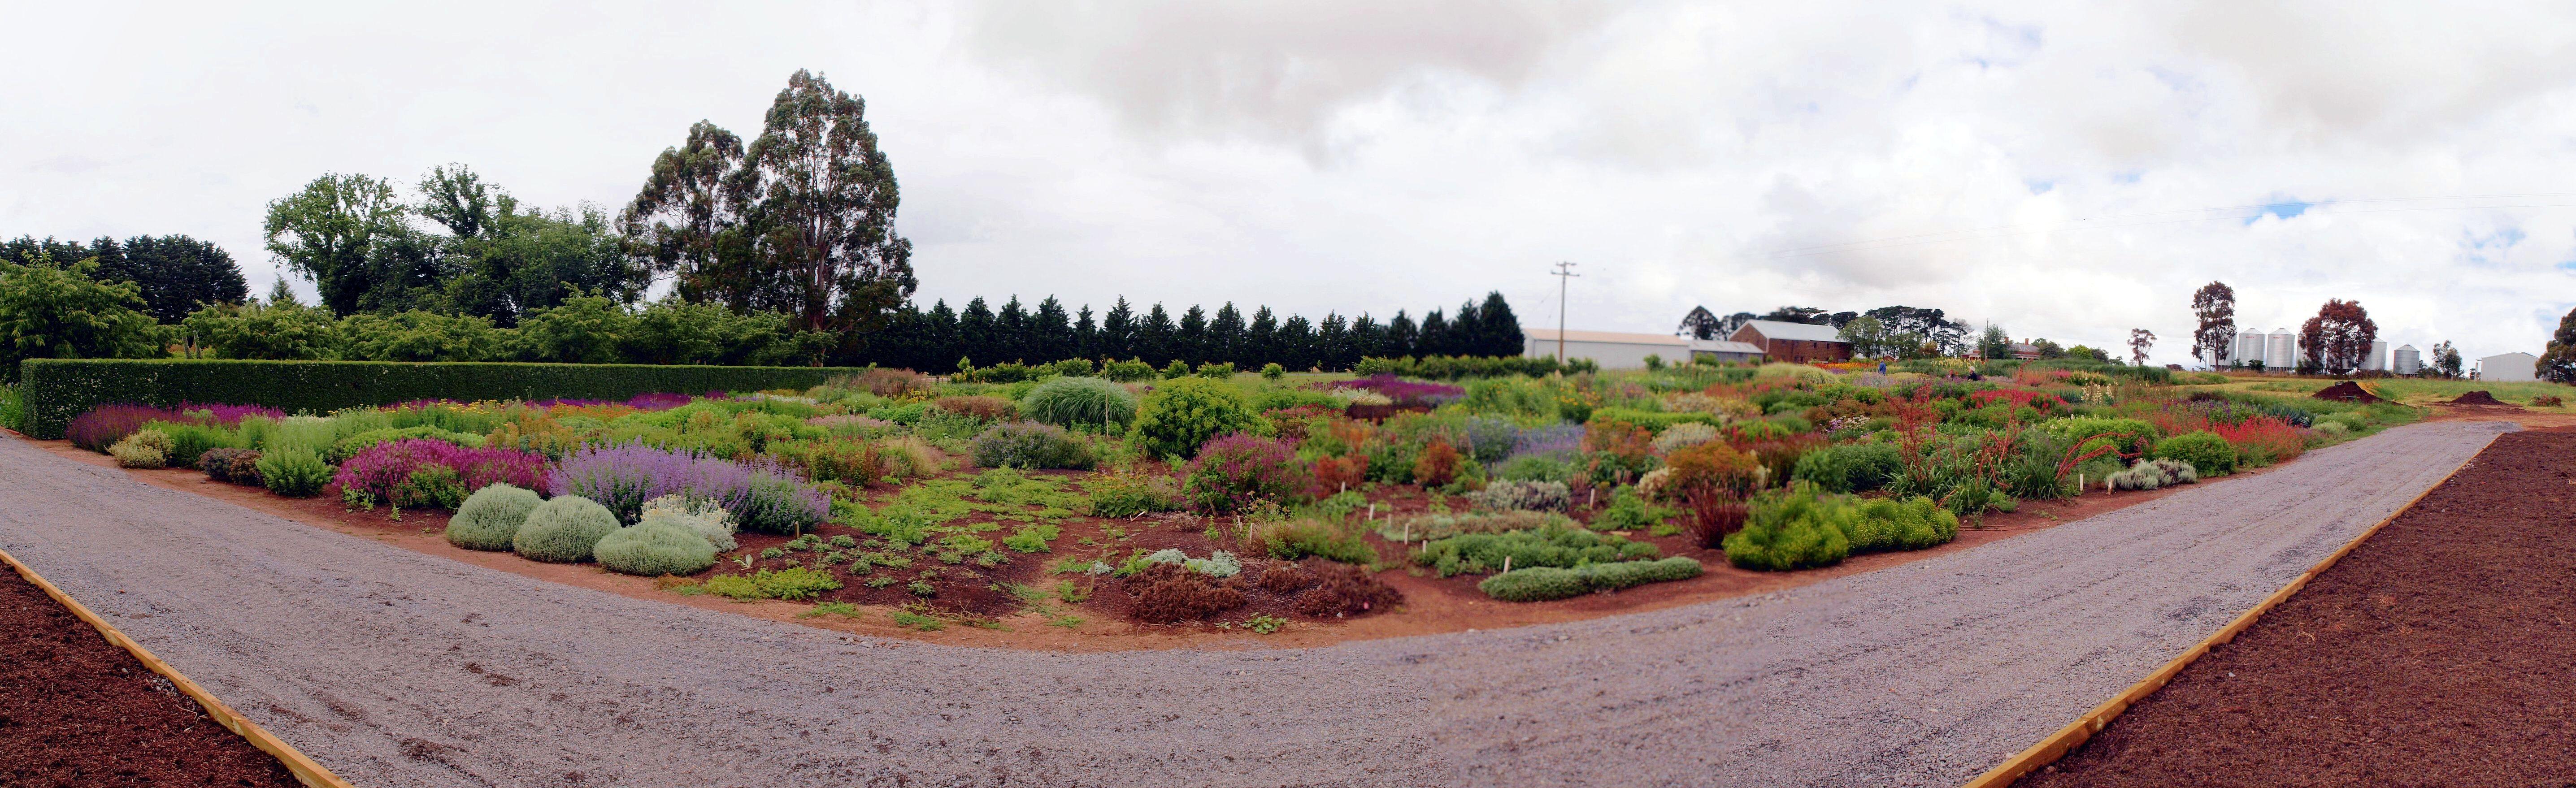 Lambley-panorama.jpeg